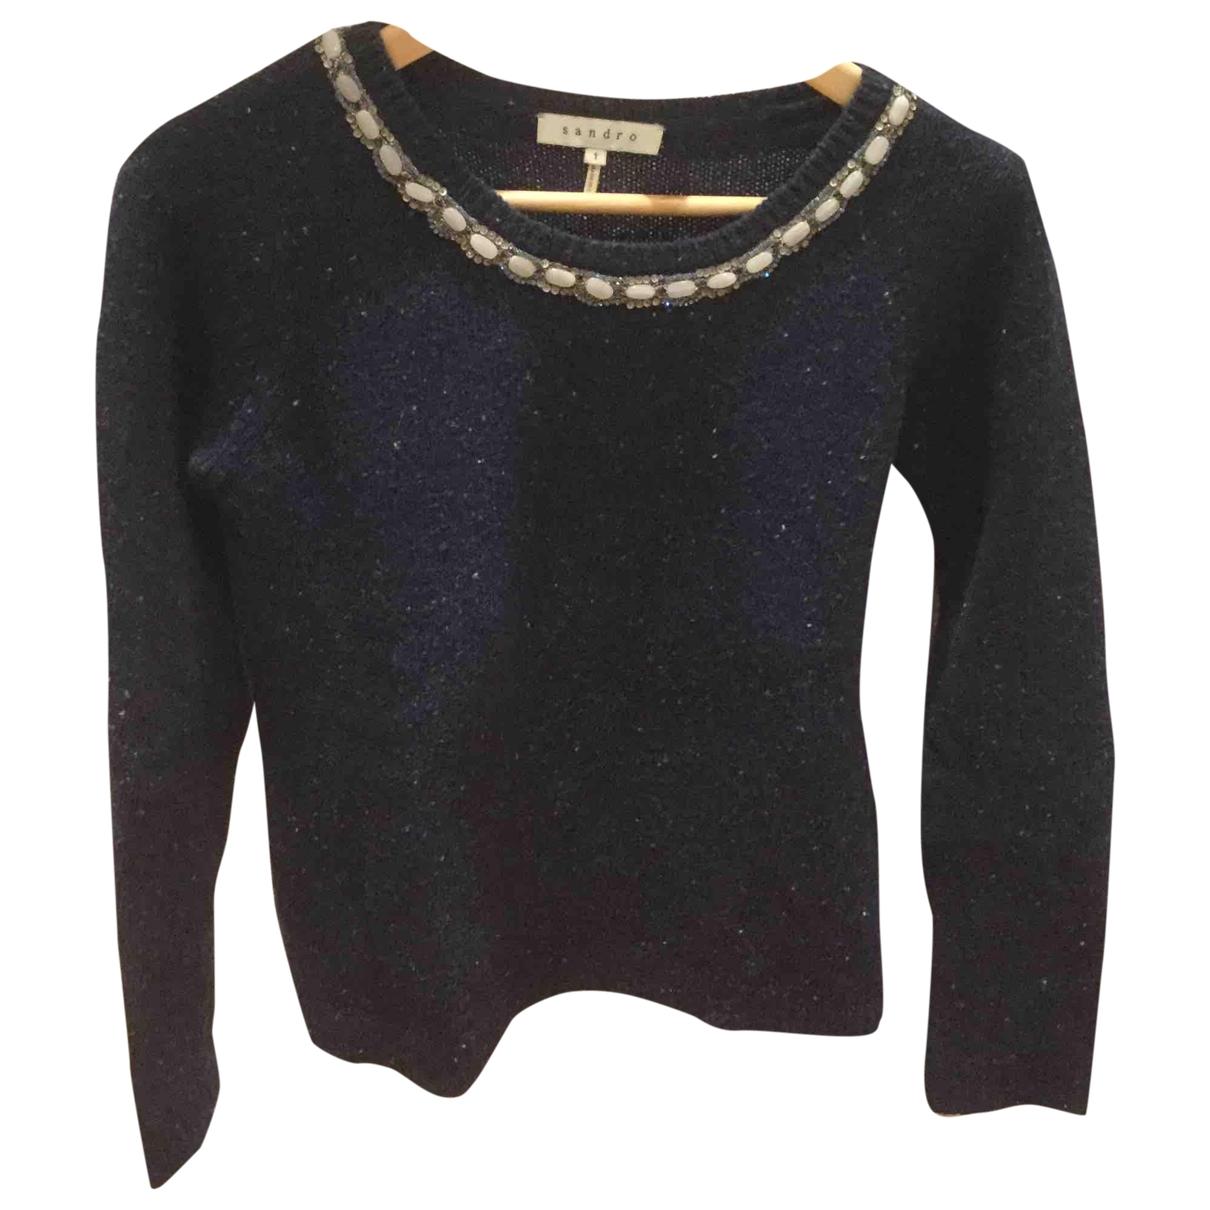 Sandro \N Blue Cotton Knitwear for Women 1 US